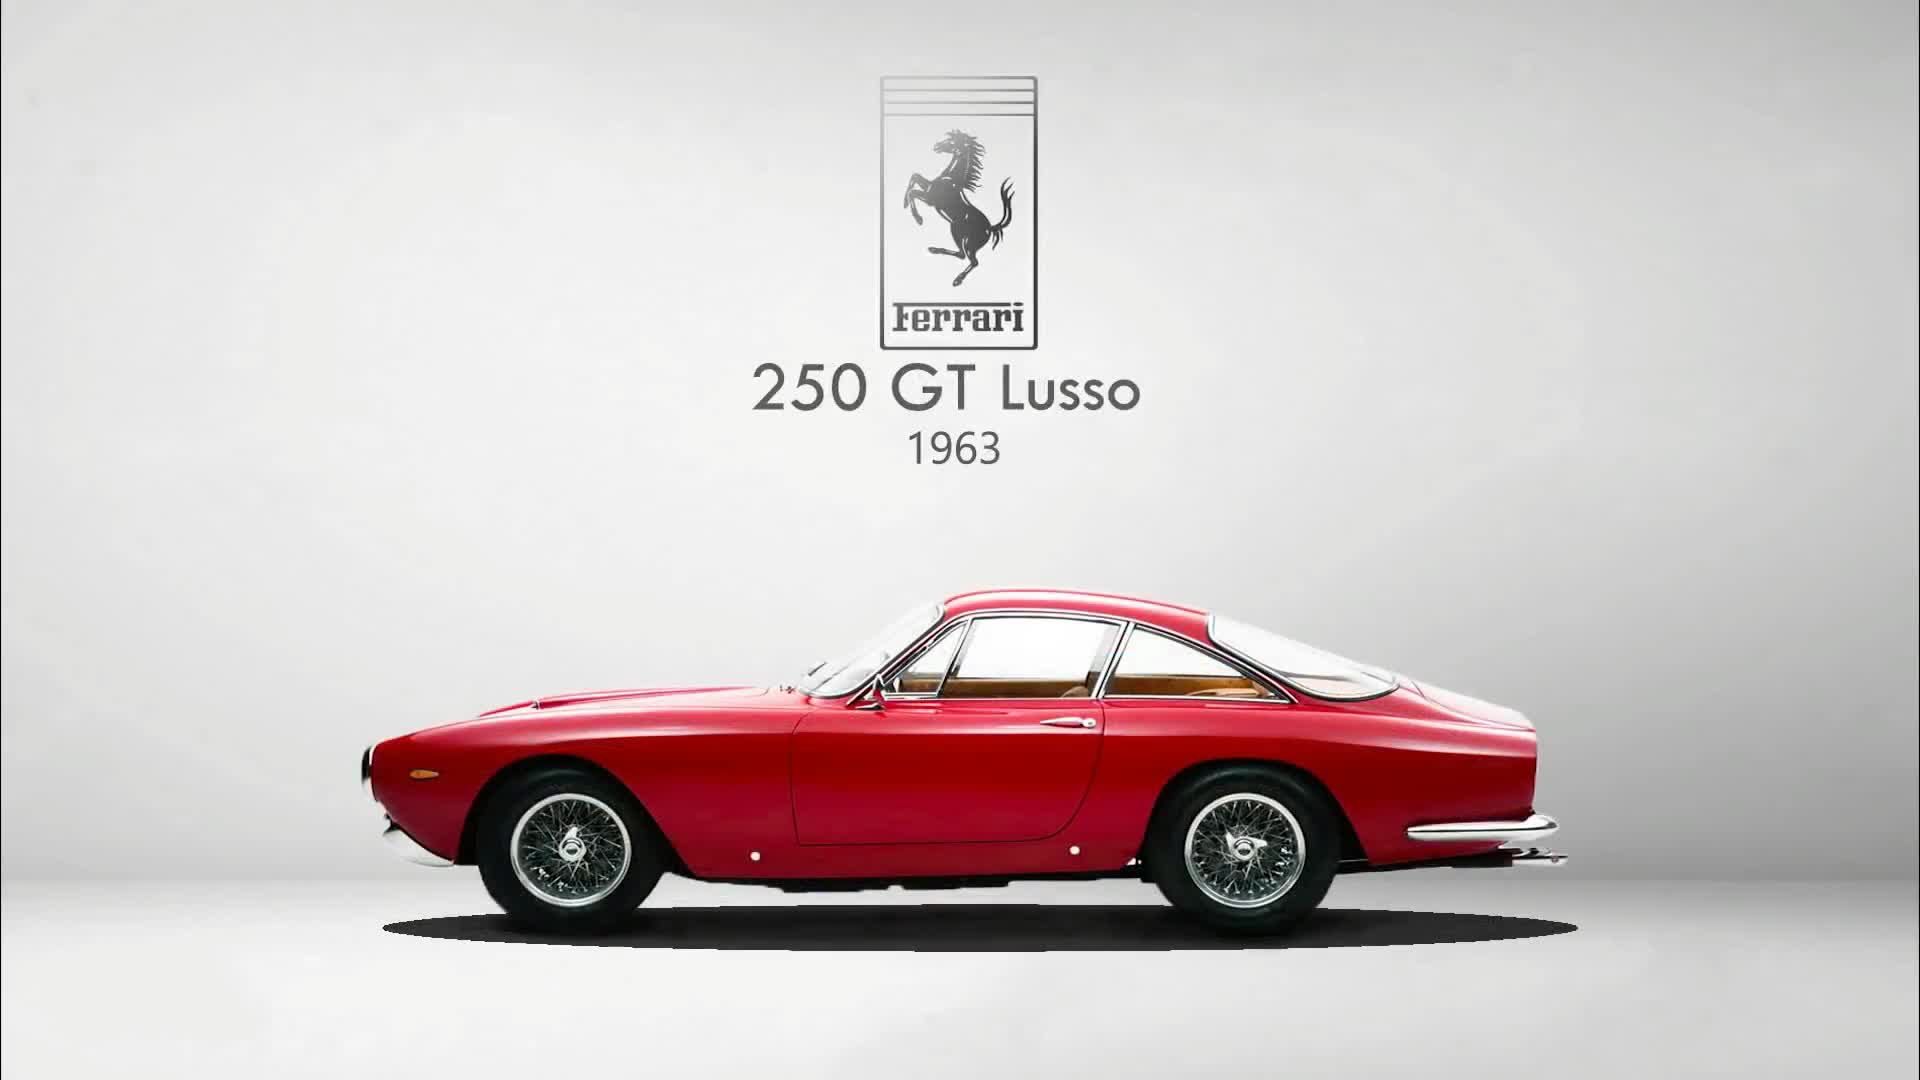 Hành trình tiến hoá của thương hiệu Ferrari trong 70 năm qua